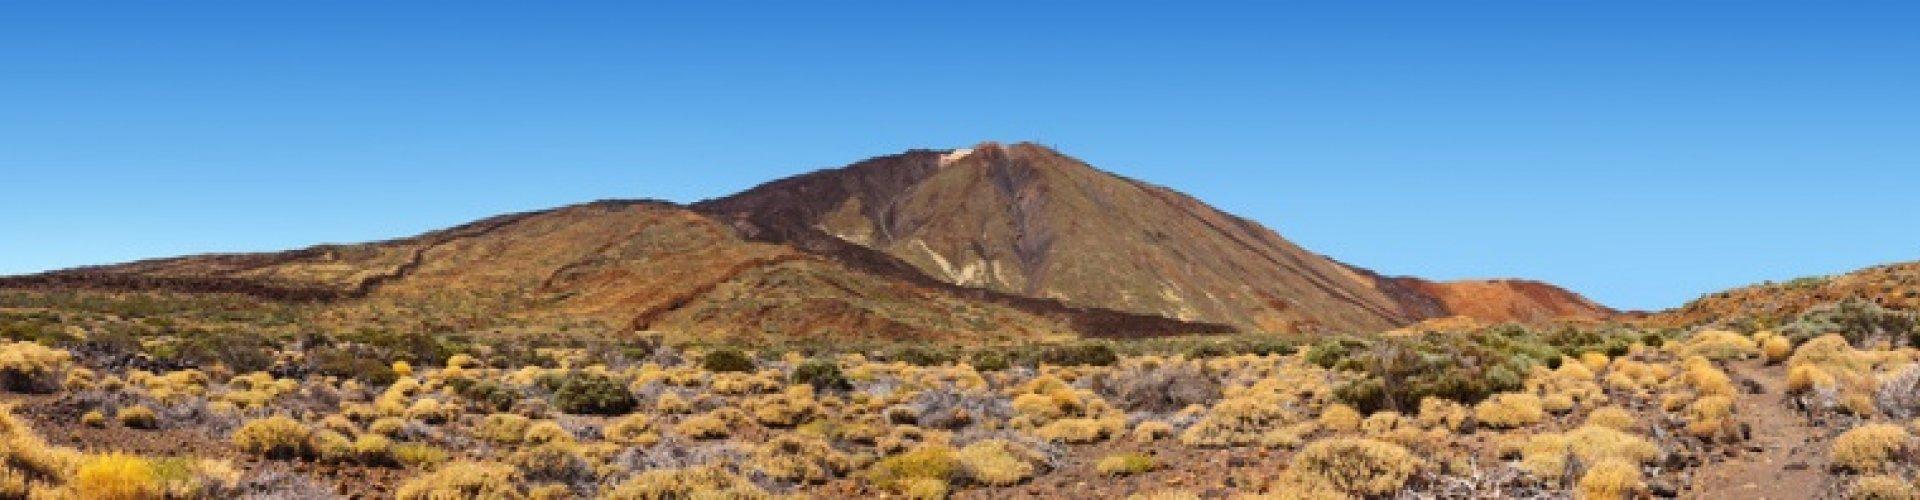 Pico del Teide & Caldera Las Cañadas